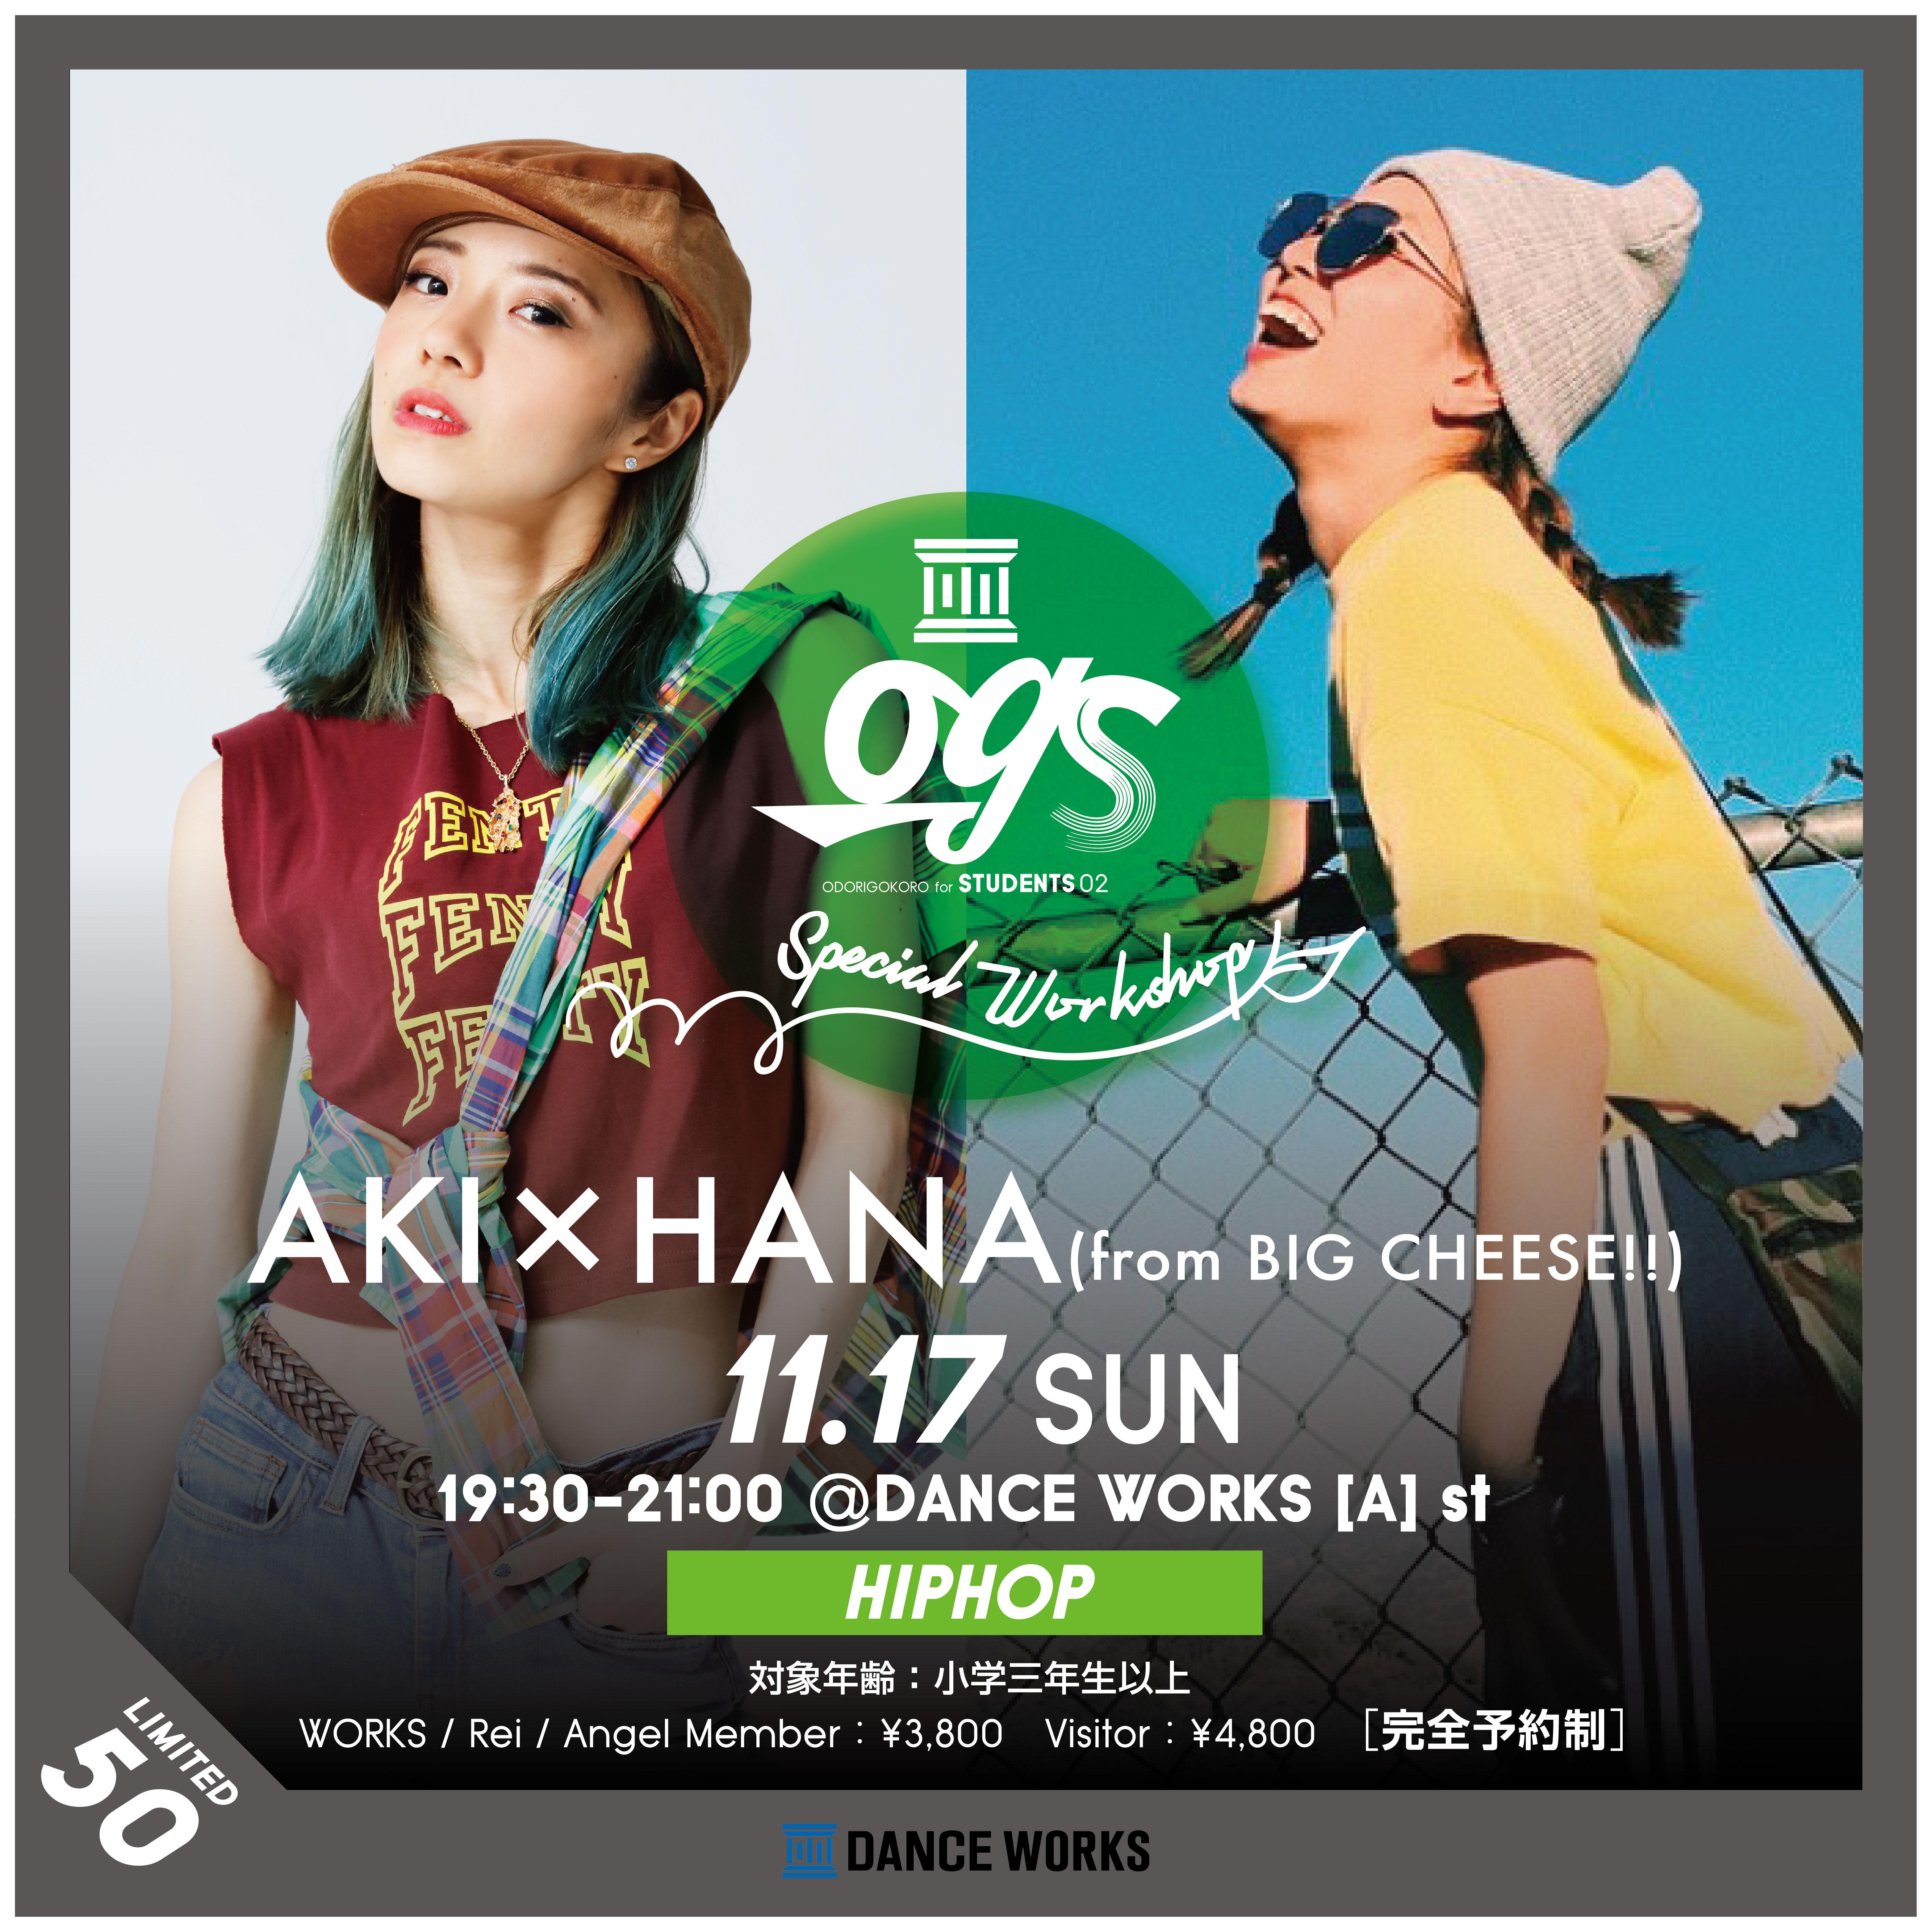 記事「【AKI+HANA(from BIG CHEESE!!)】ダンスワークショップ開催!!」の画像